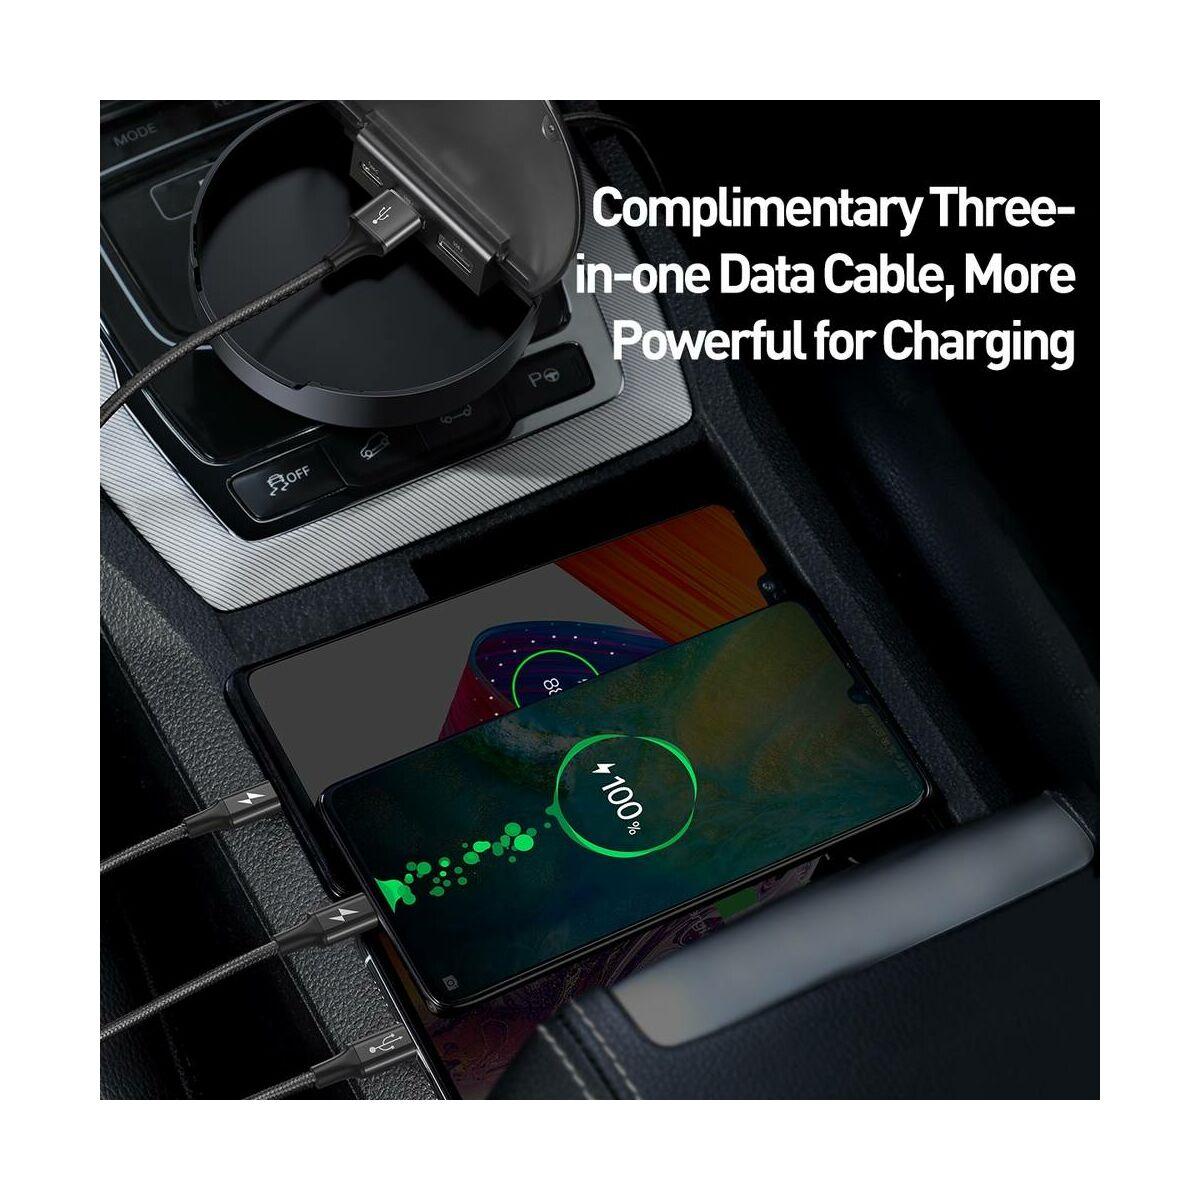 Baseus autós töltő, Sharing Station (Type-C+Dual USB Mico+Light+Type-C adat kábel), 3.4A, fekete (CAHUB-FX01)